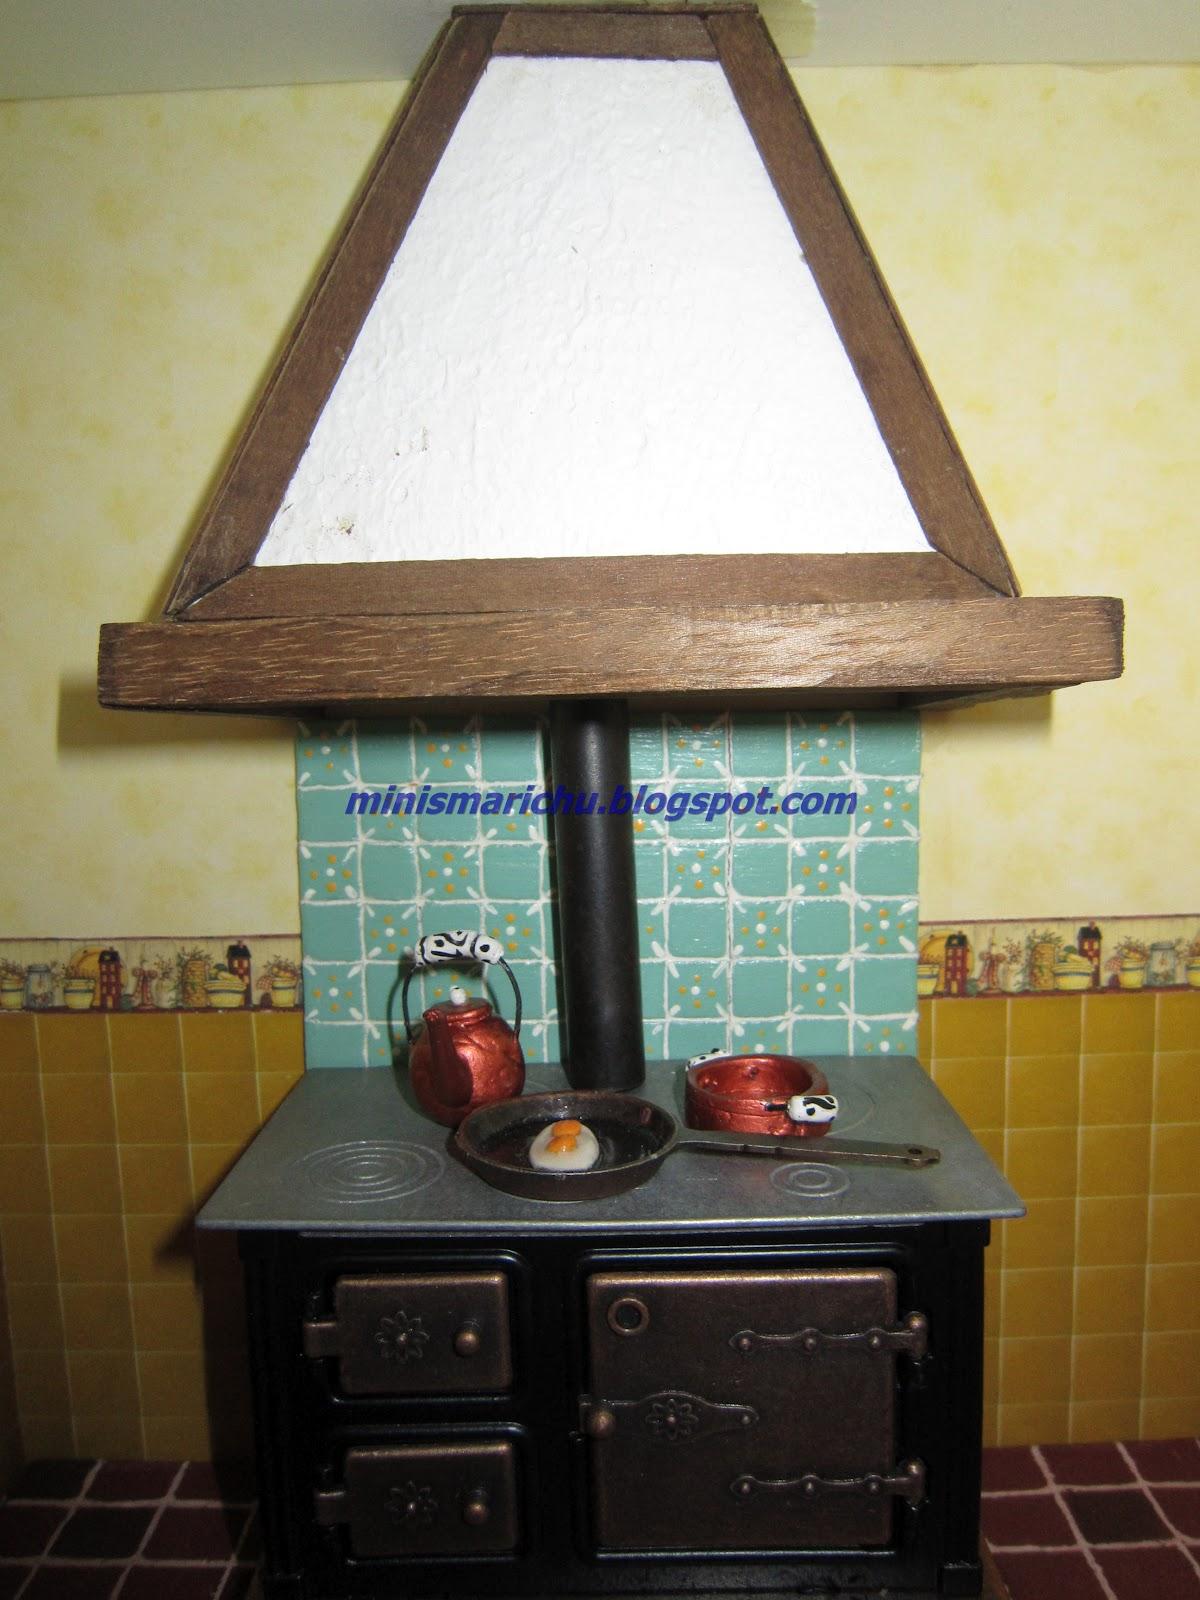 Las minis de marichu como hacer una campana - Campana extractora rustica ...